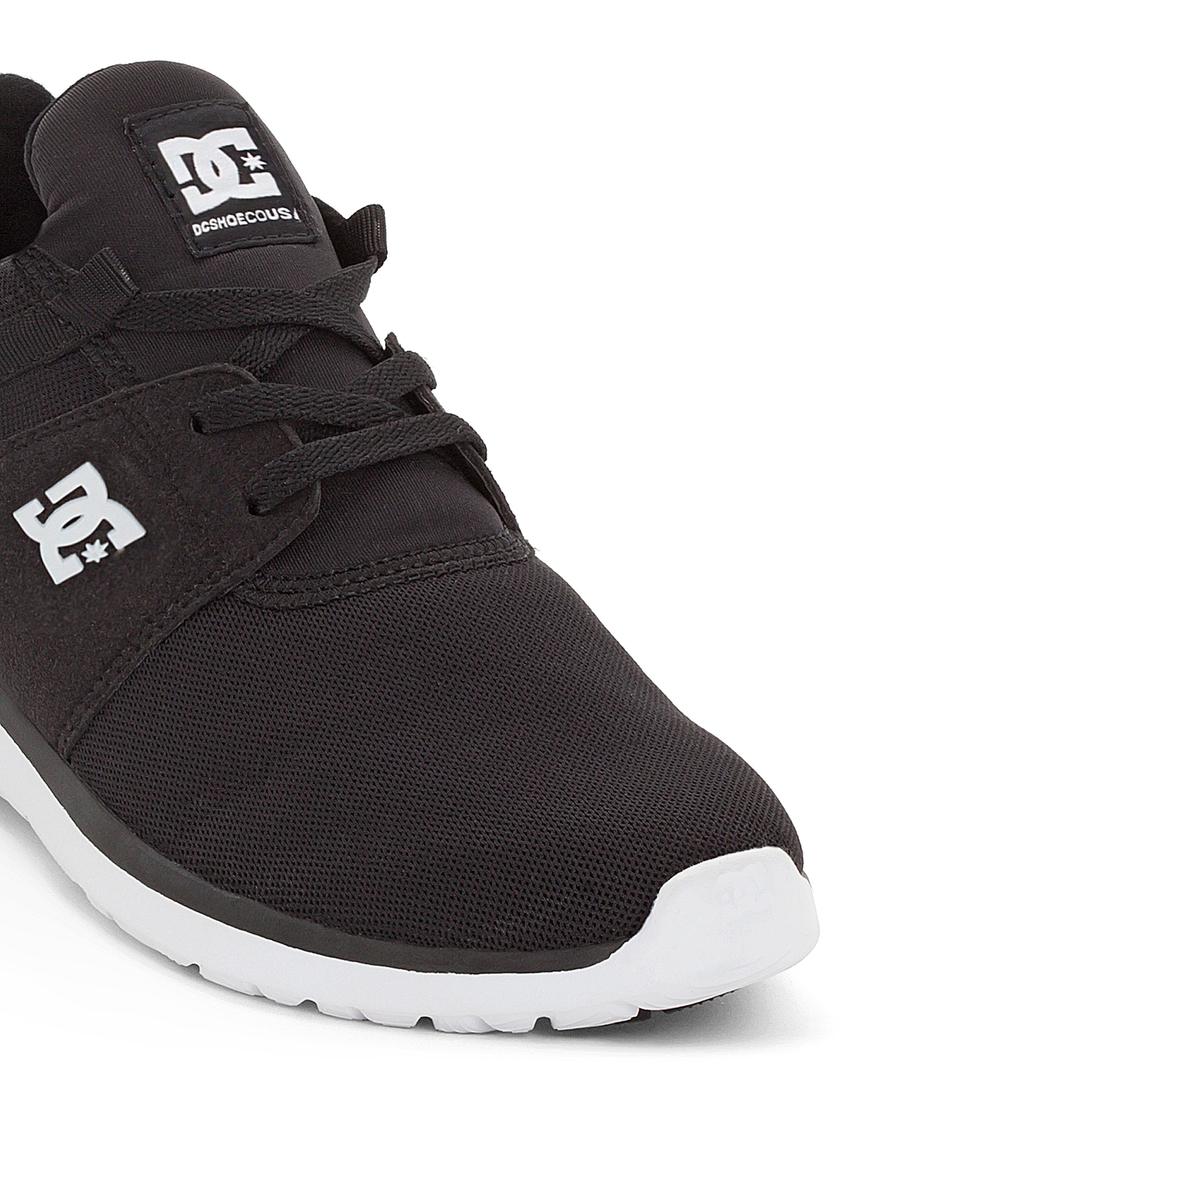 Кеды низкие на шнуровке DC SHOES HEATHROW M SHOE BKWКеды низкие на шнуровке, HEATHROW M SHOE BKW de DC SHOES .Верх: текстиль и синтетика.Подкладка: текстиль.Стелька : текстиль. Подошва: каучук. Застежка : на шнуровке. Марка DC Shoes, появившаяся в 1994 году,  позиционирует себя, как королева скольжения и создает стильные и технологичные коллекции для скейтборда, серфинга, сноуборда и даже для велосипедного мотокросса, мотоспорта и экстремальных видов спорта   . В своих коллекциях она предлагает модную городскую обувь, невероятно легкую и как всегда с калифорнийским колоритом   ! Подтверждение тому - отличные кеды HEATHROW, удобные и прочные, усовершенствованные и стильные!<br><br>Цвет: черный<br>Размер: 44